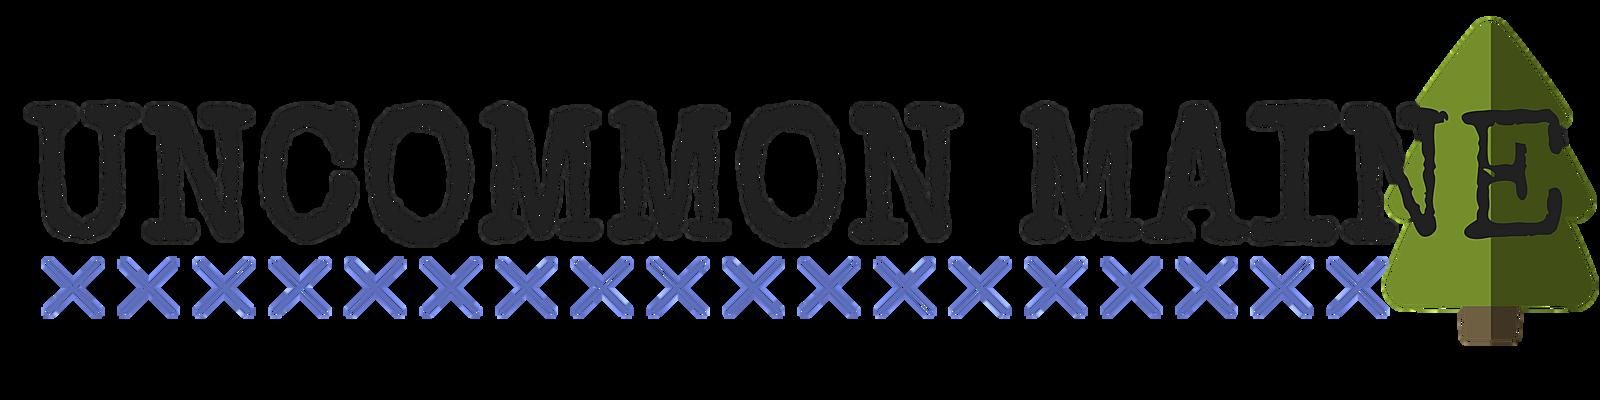 Uncommon Maine Logo